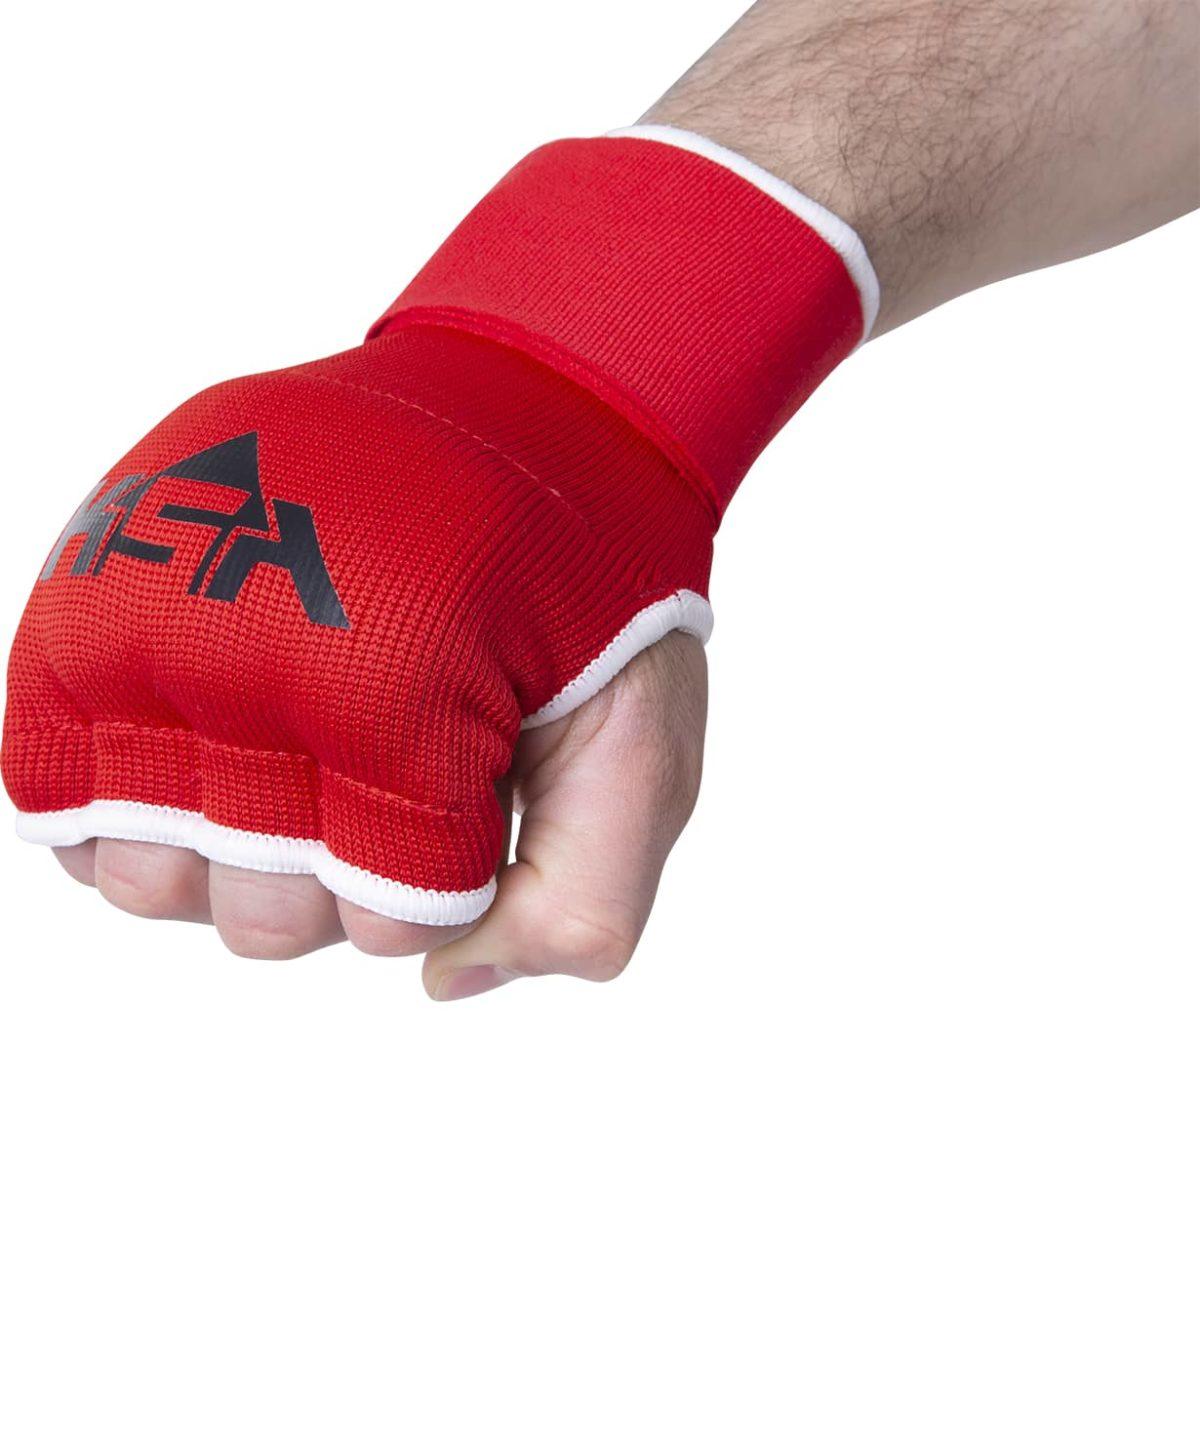 KSA Cobra Red Перчатки внутренние для бокса 17898 - 3